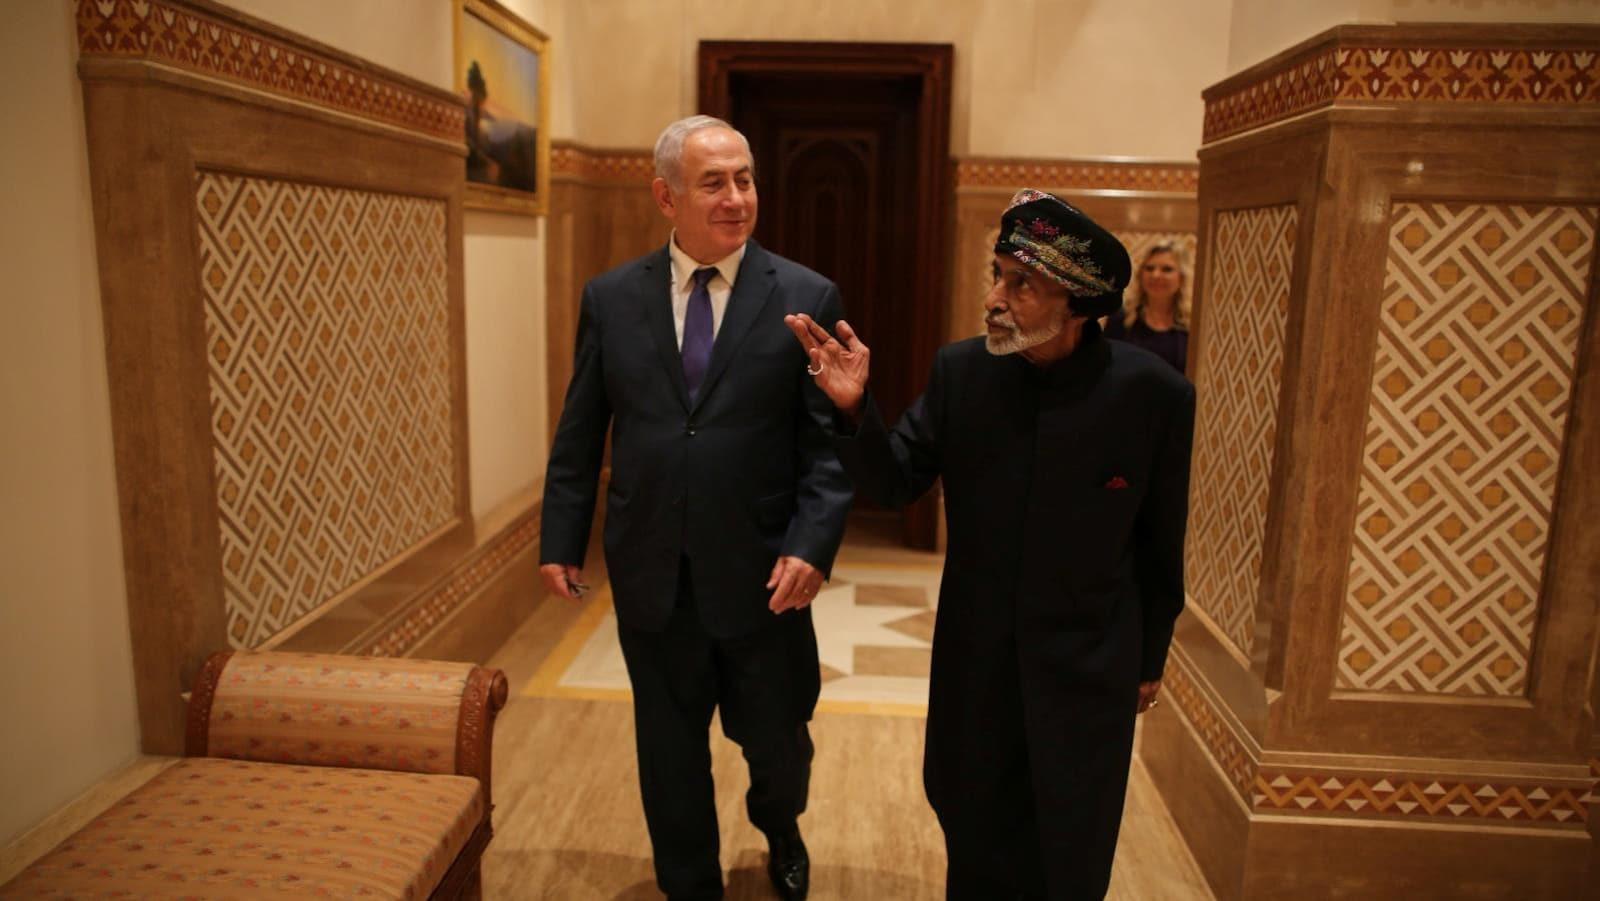 Le premier ministre israélien Benjamin Netanyahu aux côtés du sultan Qabous d'Oman lors d'une visite surprise dans ce petit pays arabe sans liens diplomatique avec l'État hébreu.